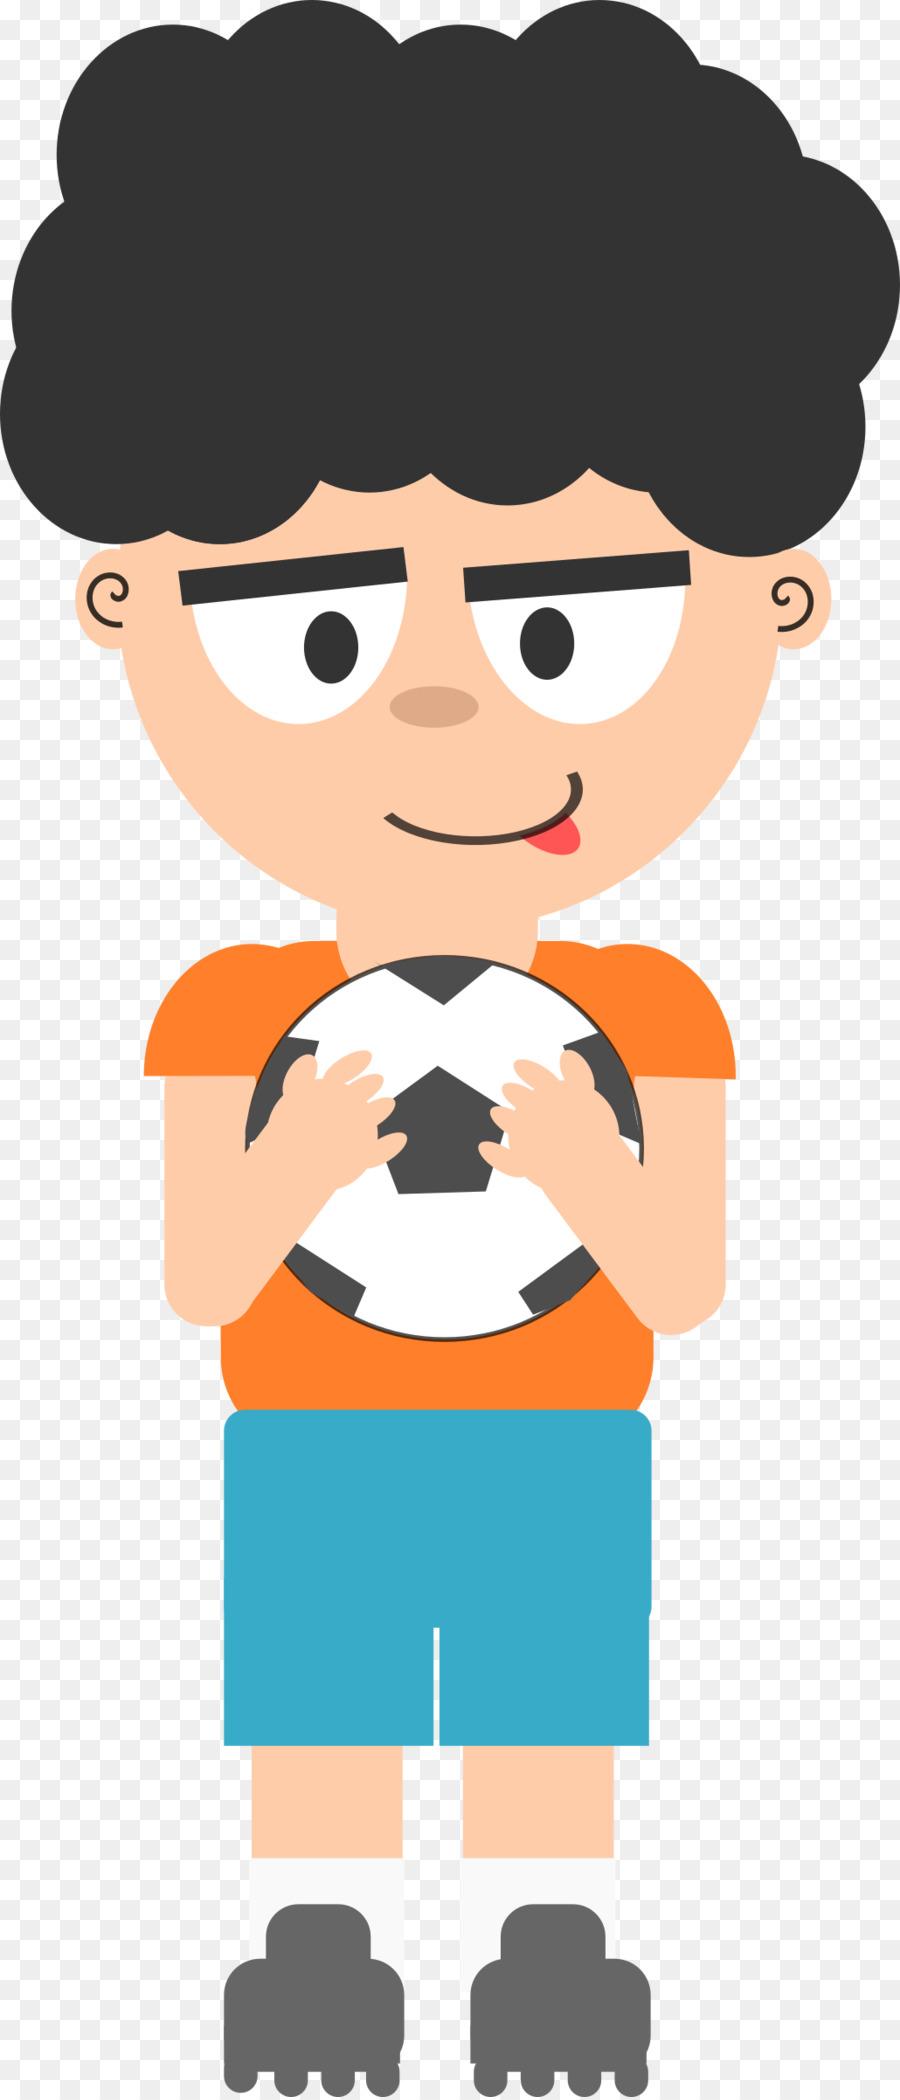 Fussball Spieler Clipart Fussball Png Herunterladen 1030